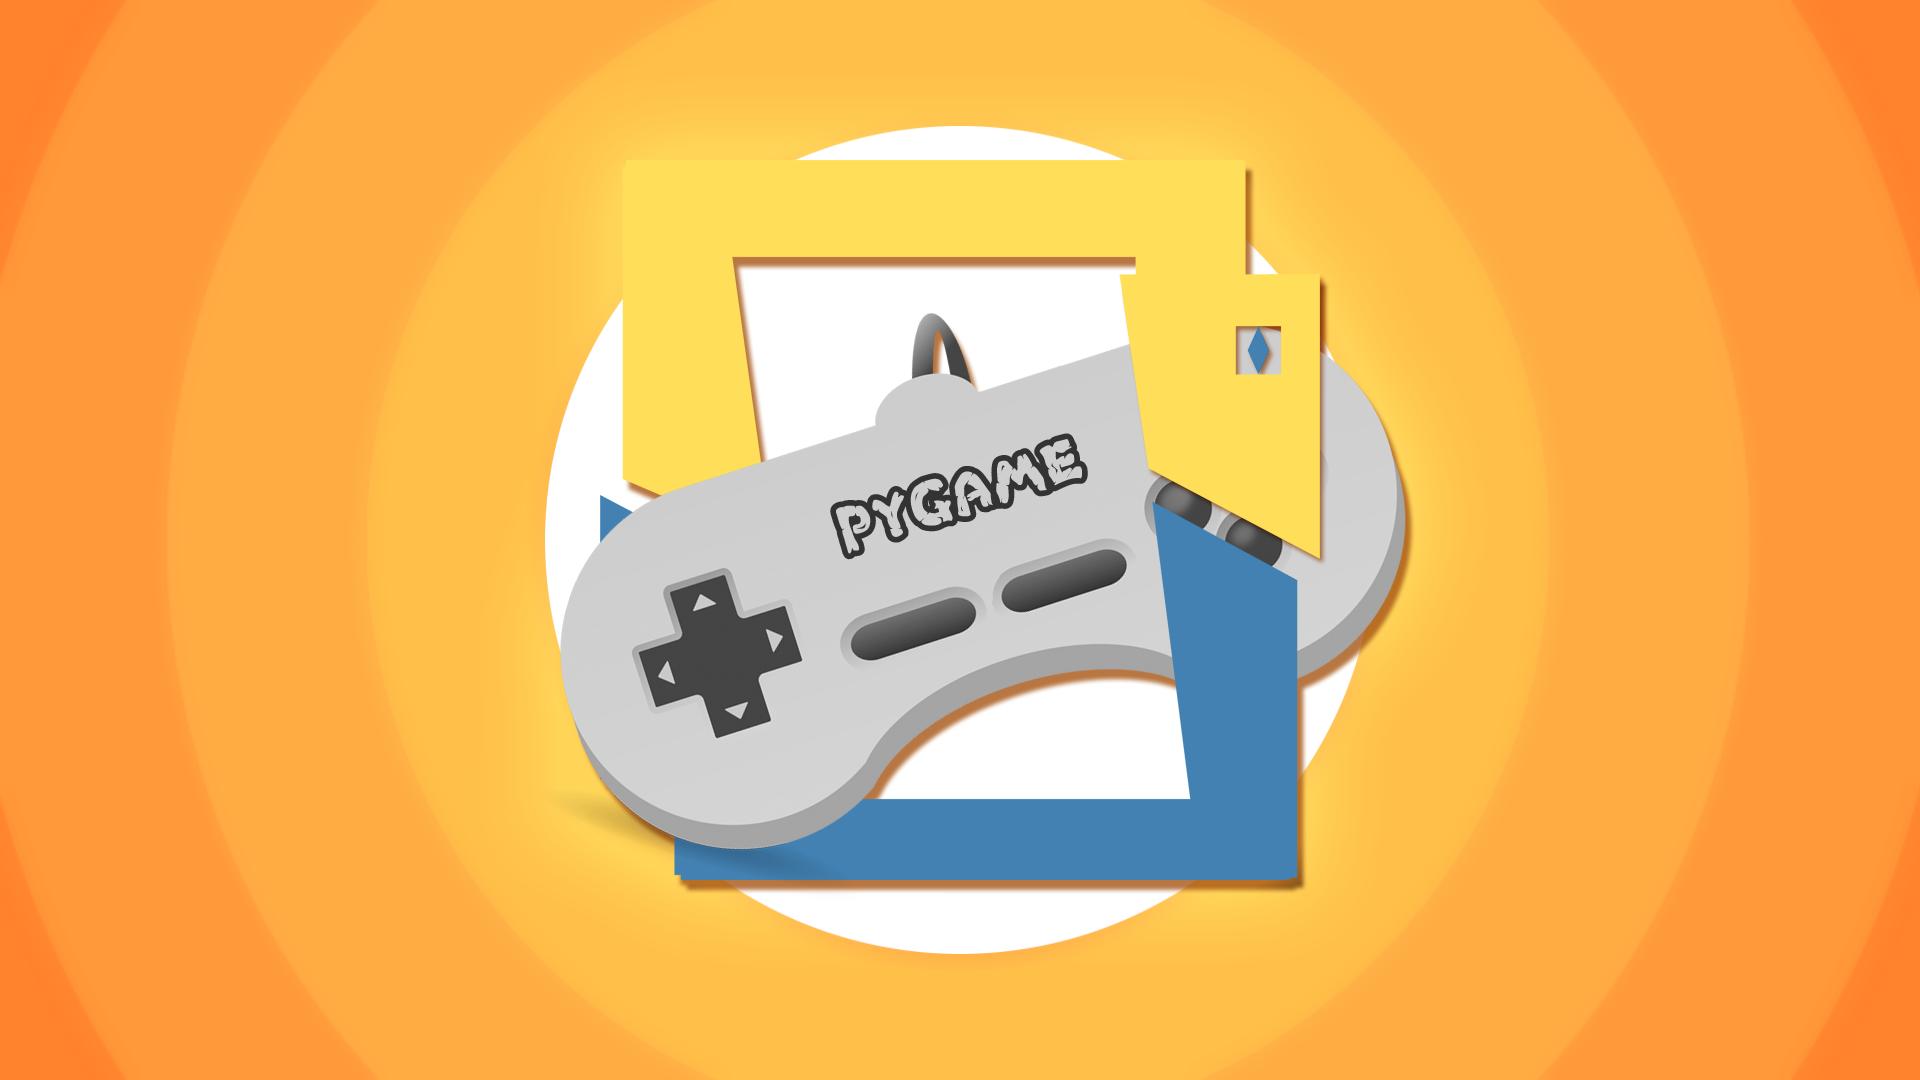 Вебинар Введение в разработку игр на Pygame. Хотели написать игру? Время пришло! фото